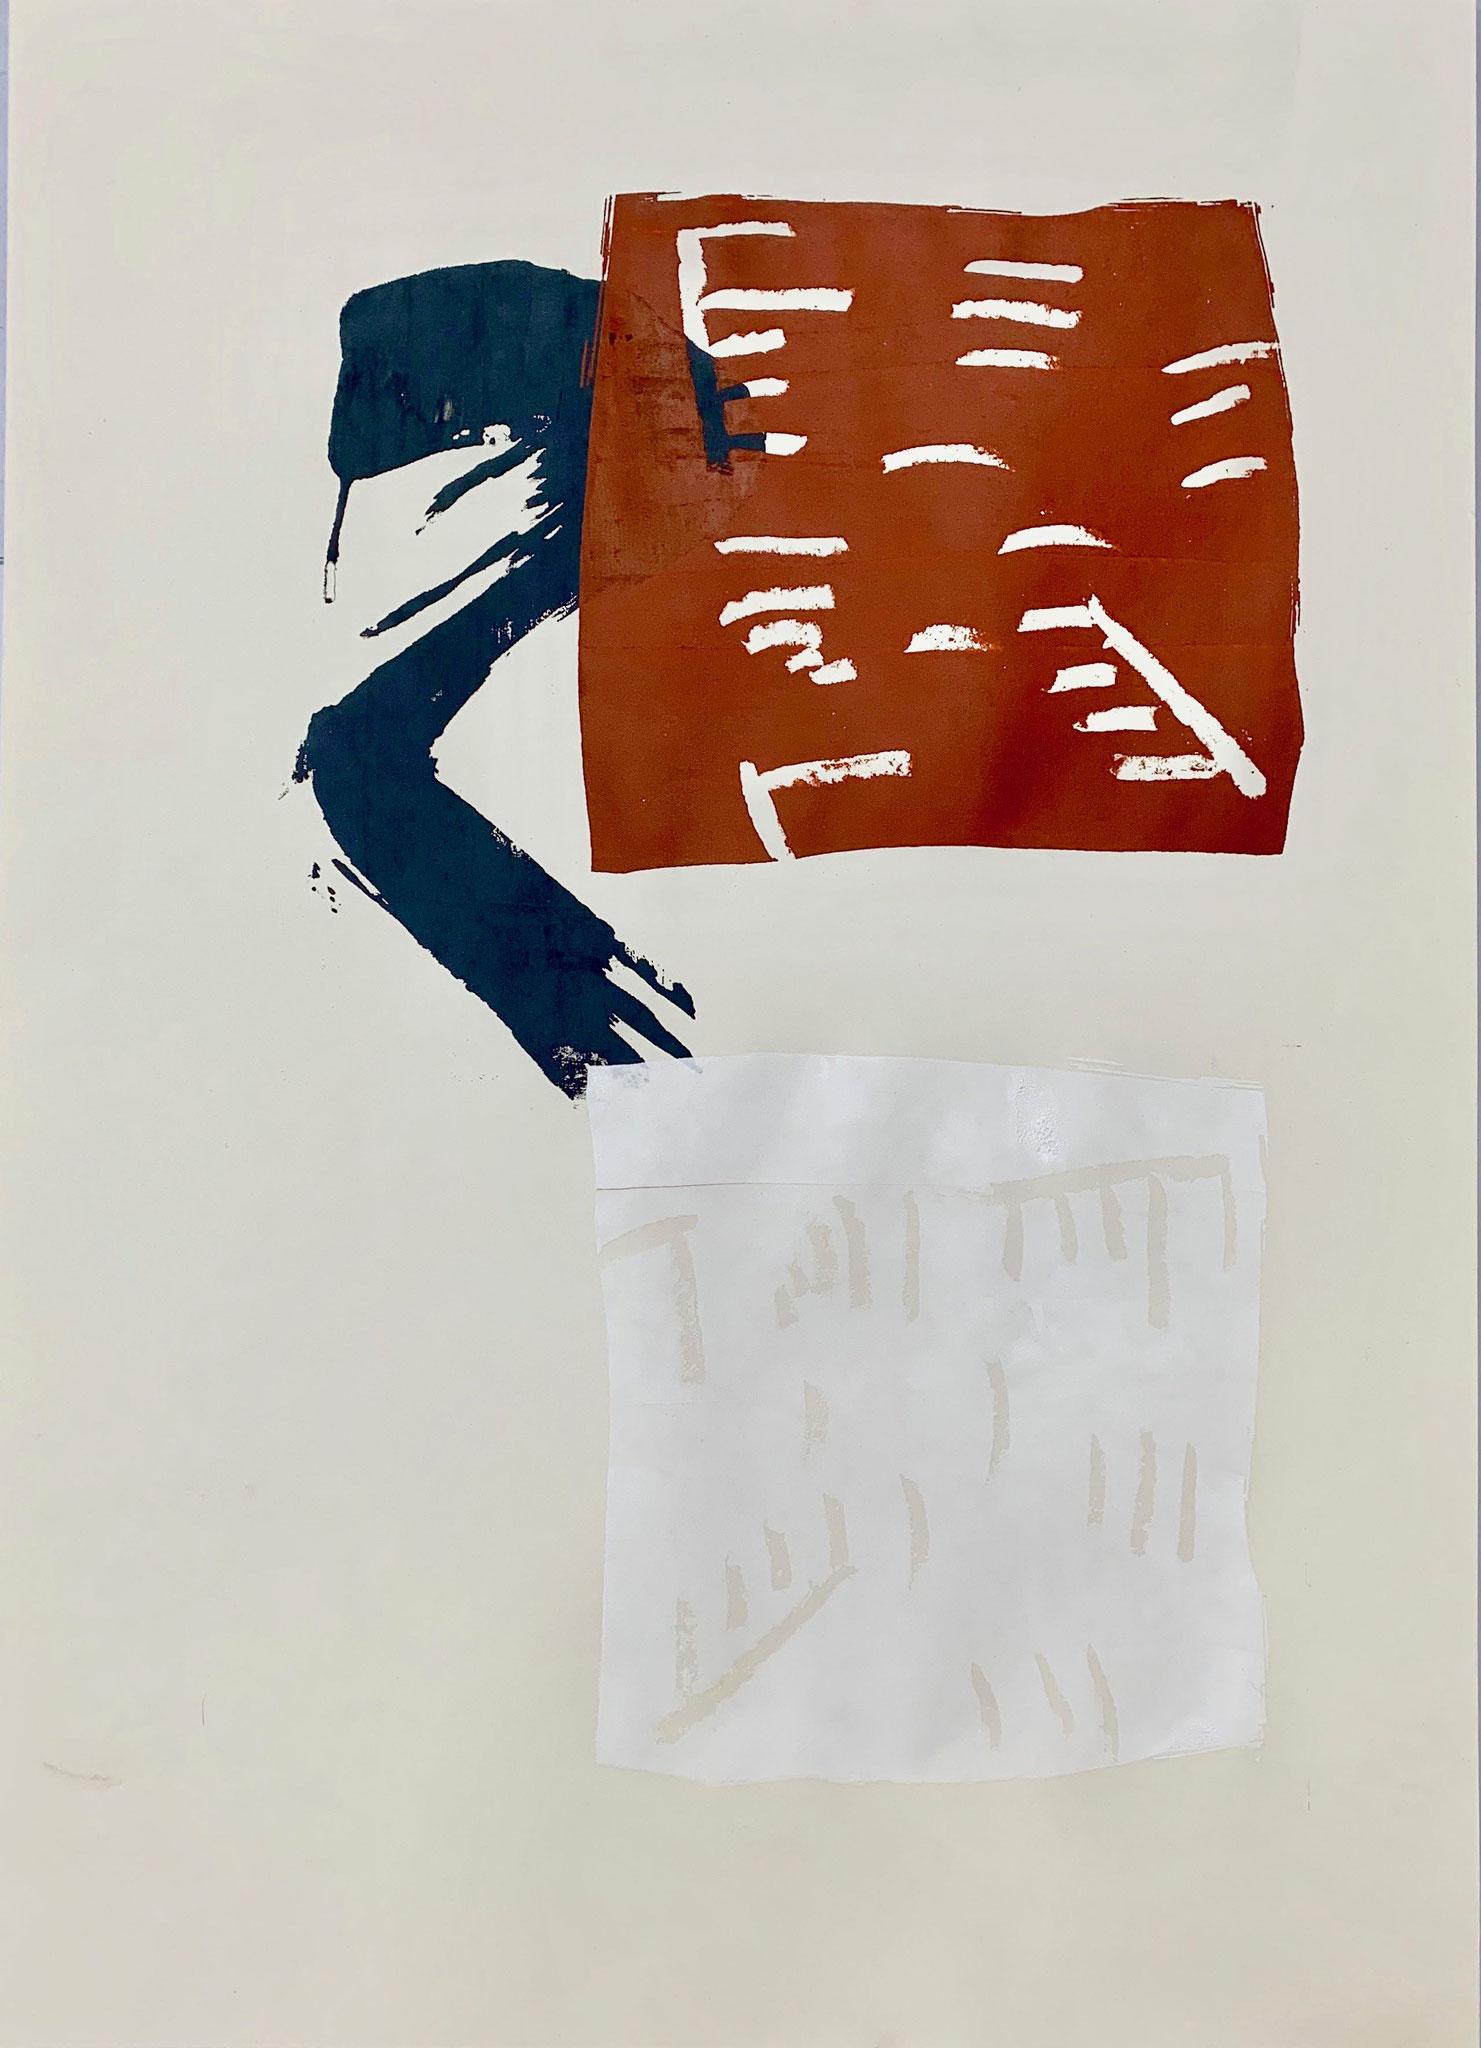 Ohne Titel, Siebdruck und Wachs auf Papier, 30 x 42 cm, 2019